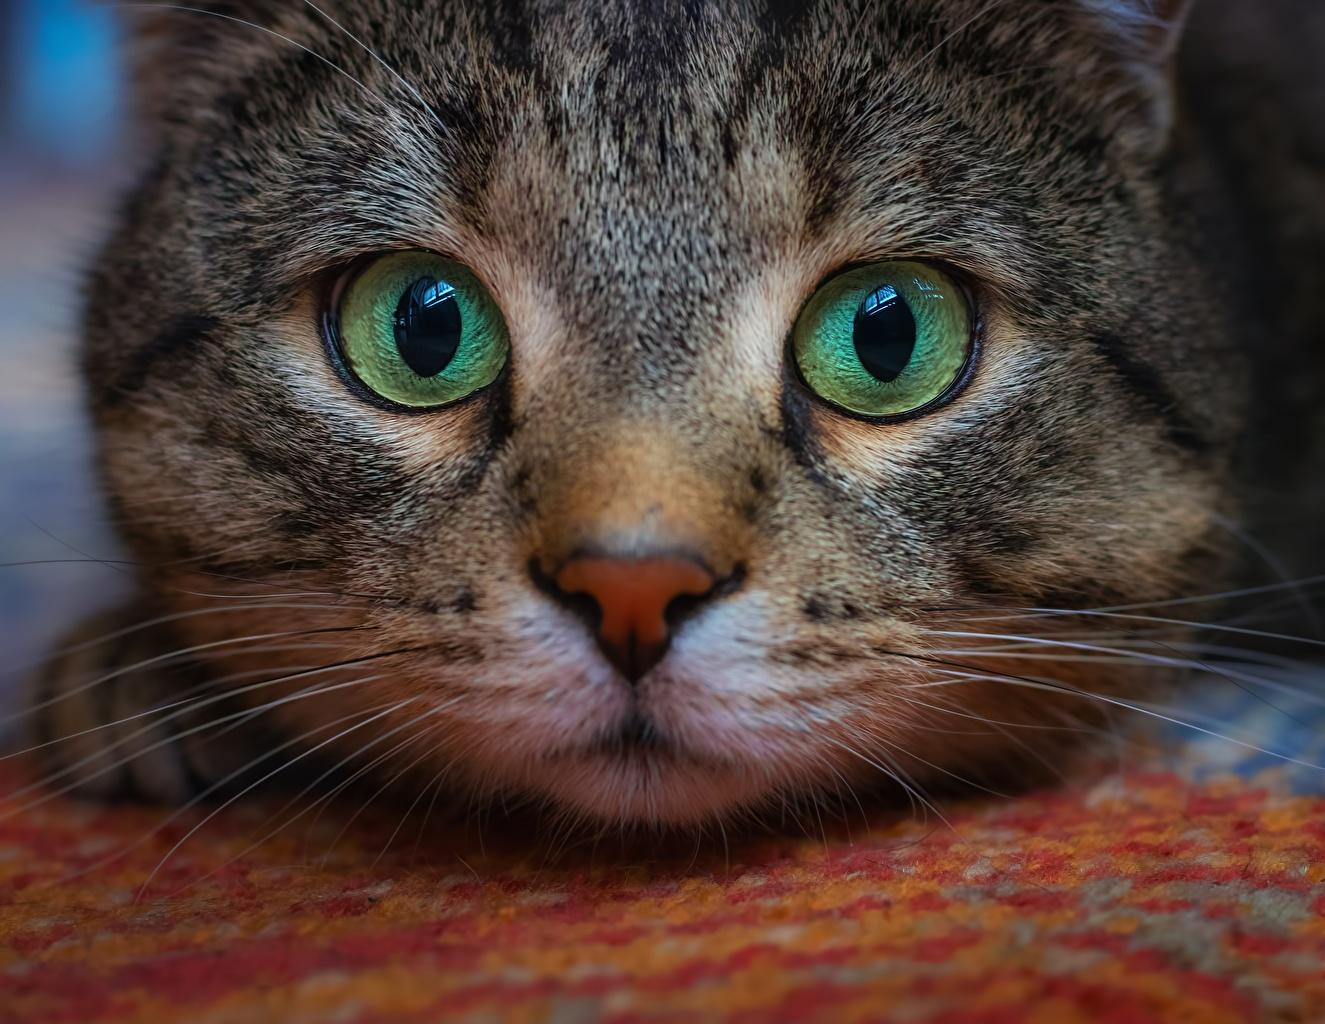 Обои для рабочего стола кошка Глаза Усы Вибриссы Морда Взгляд Животные кот коты Кошки морды смотрит смотрят животное